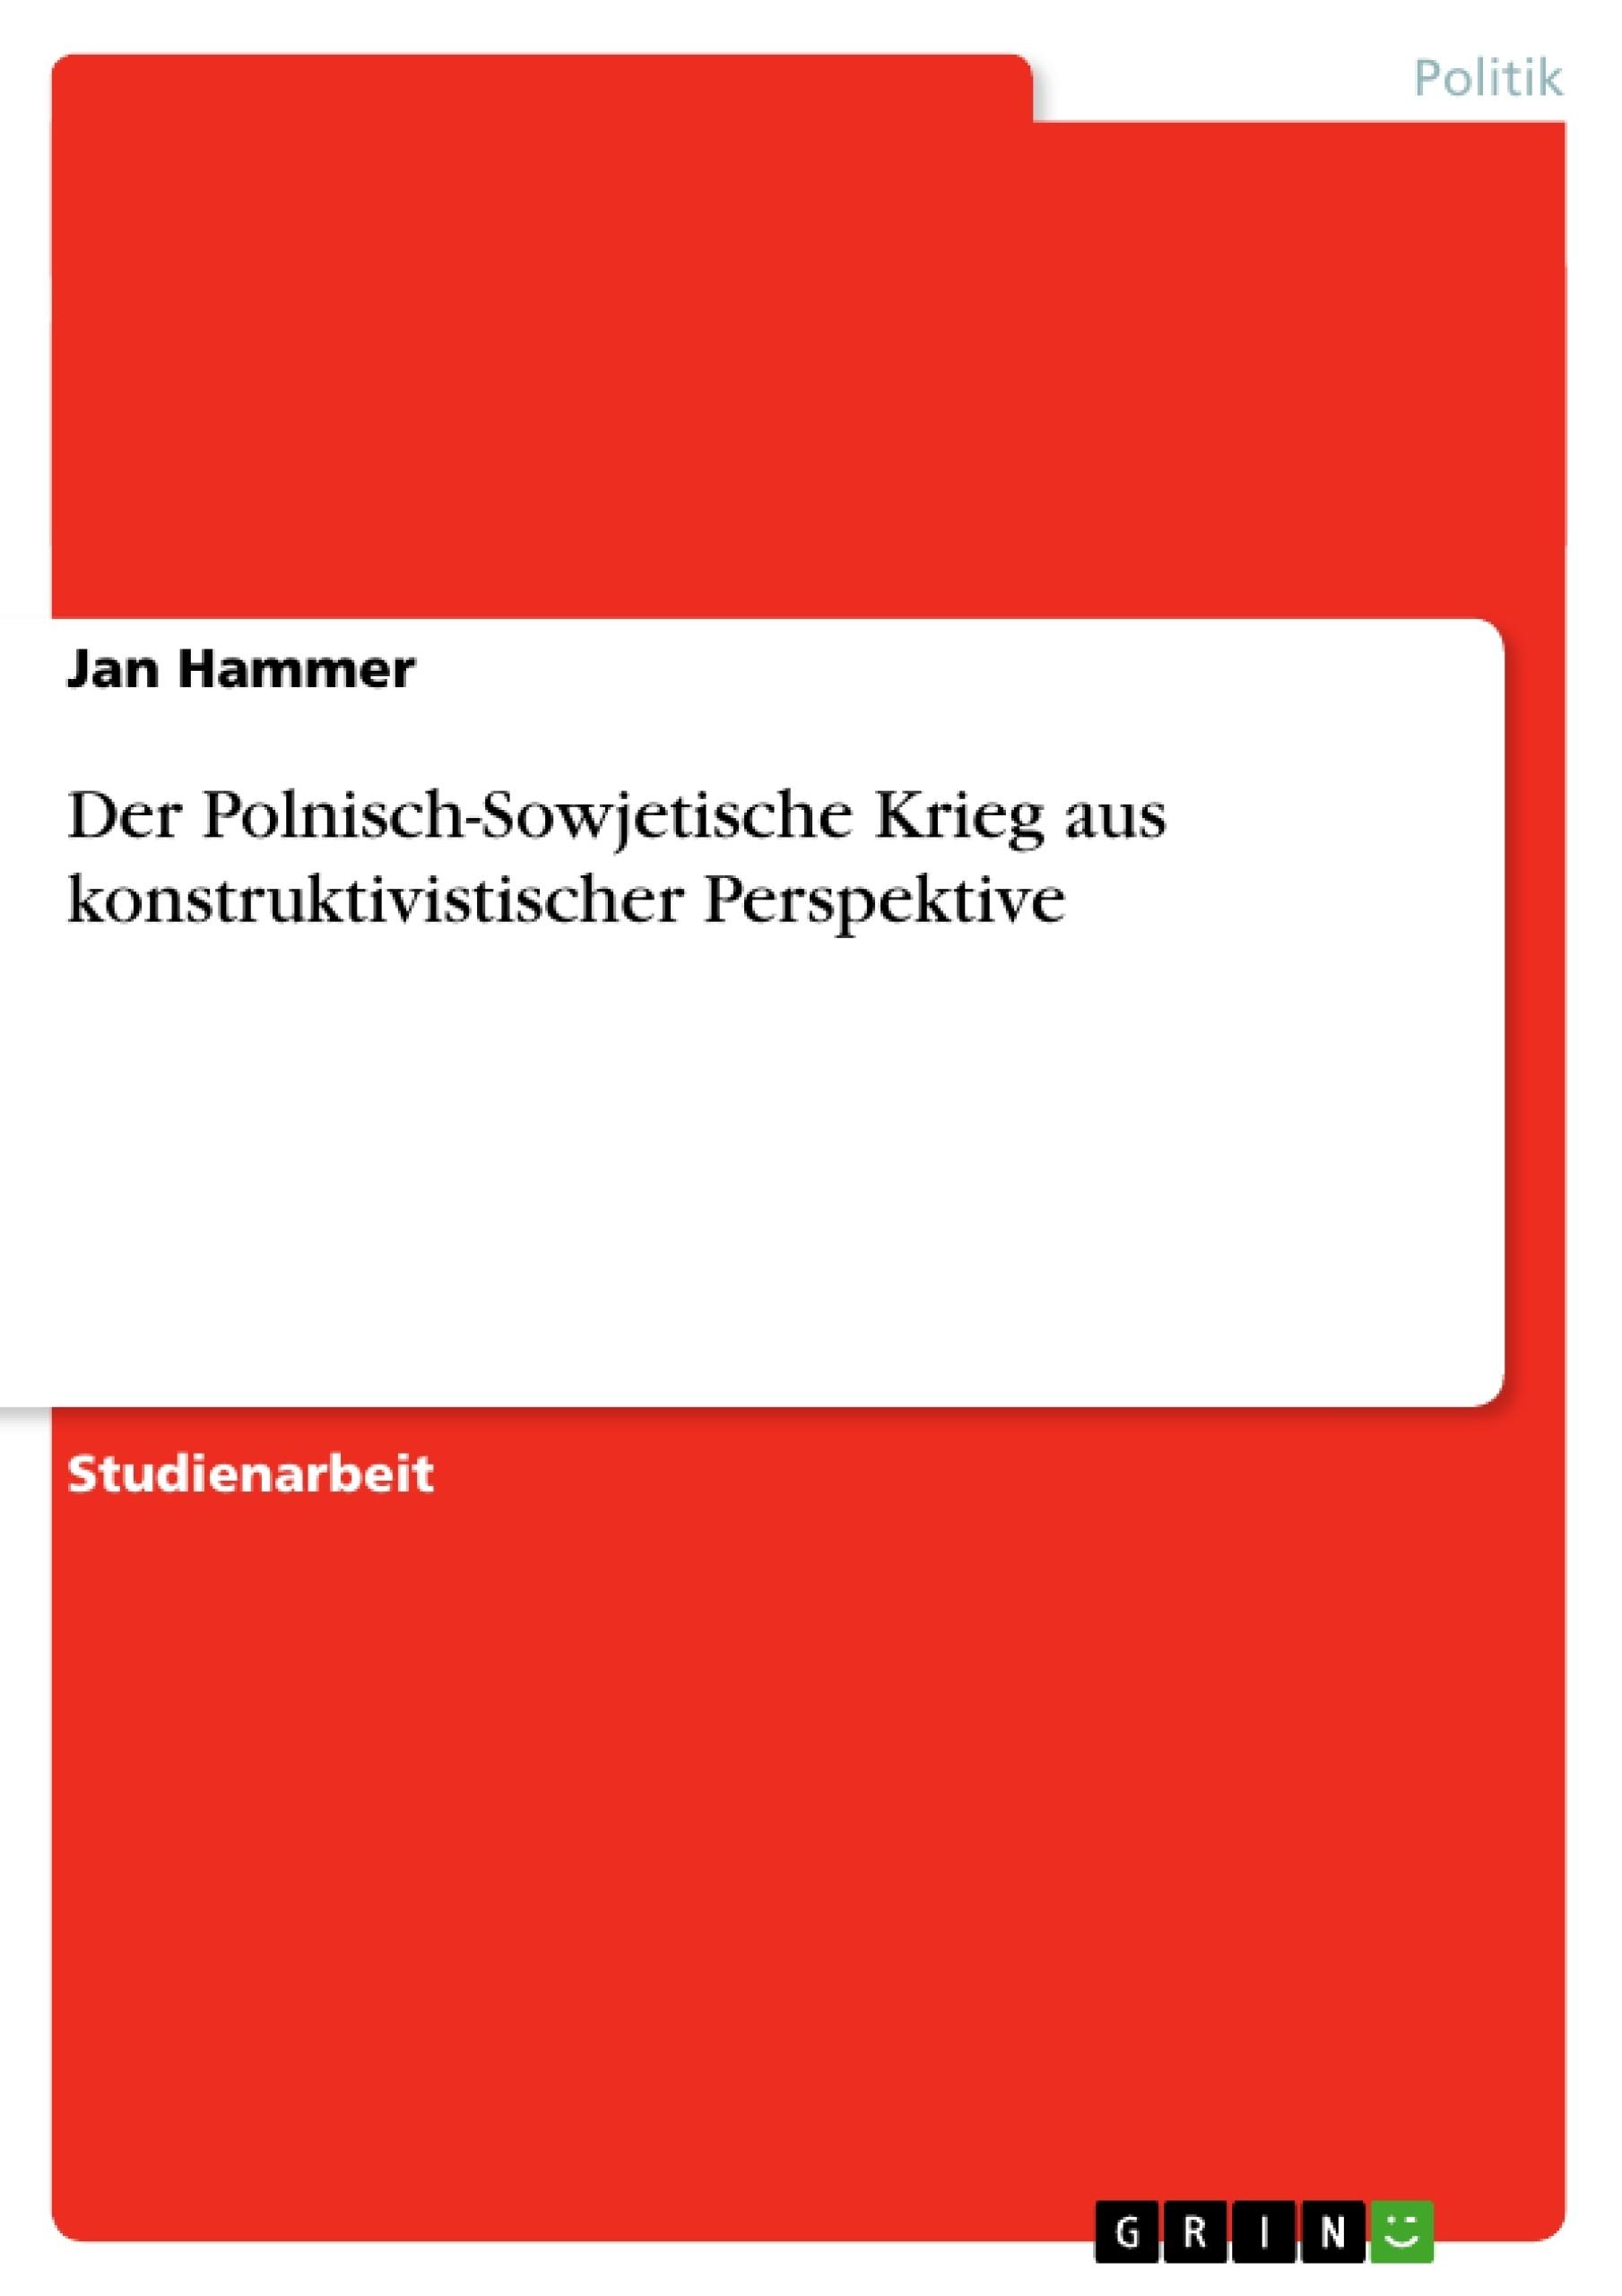 Titel: Der Polnisch-Sowjetische Krieg aus konstruktivistischer Perspektive